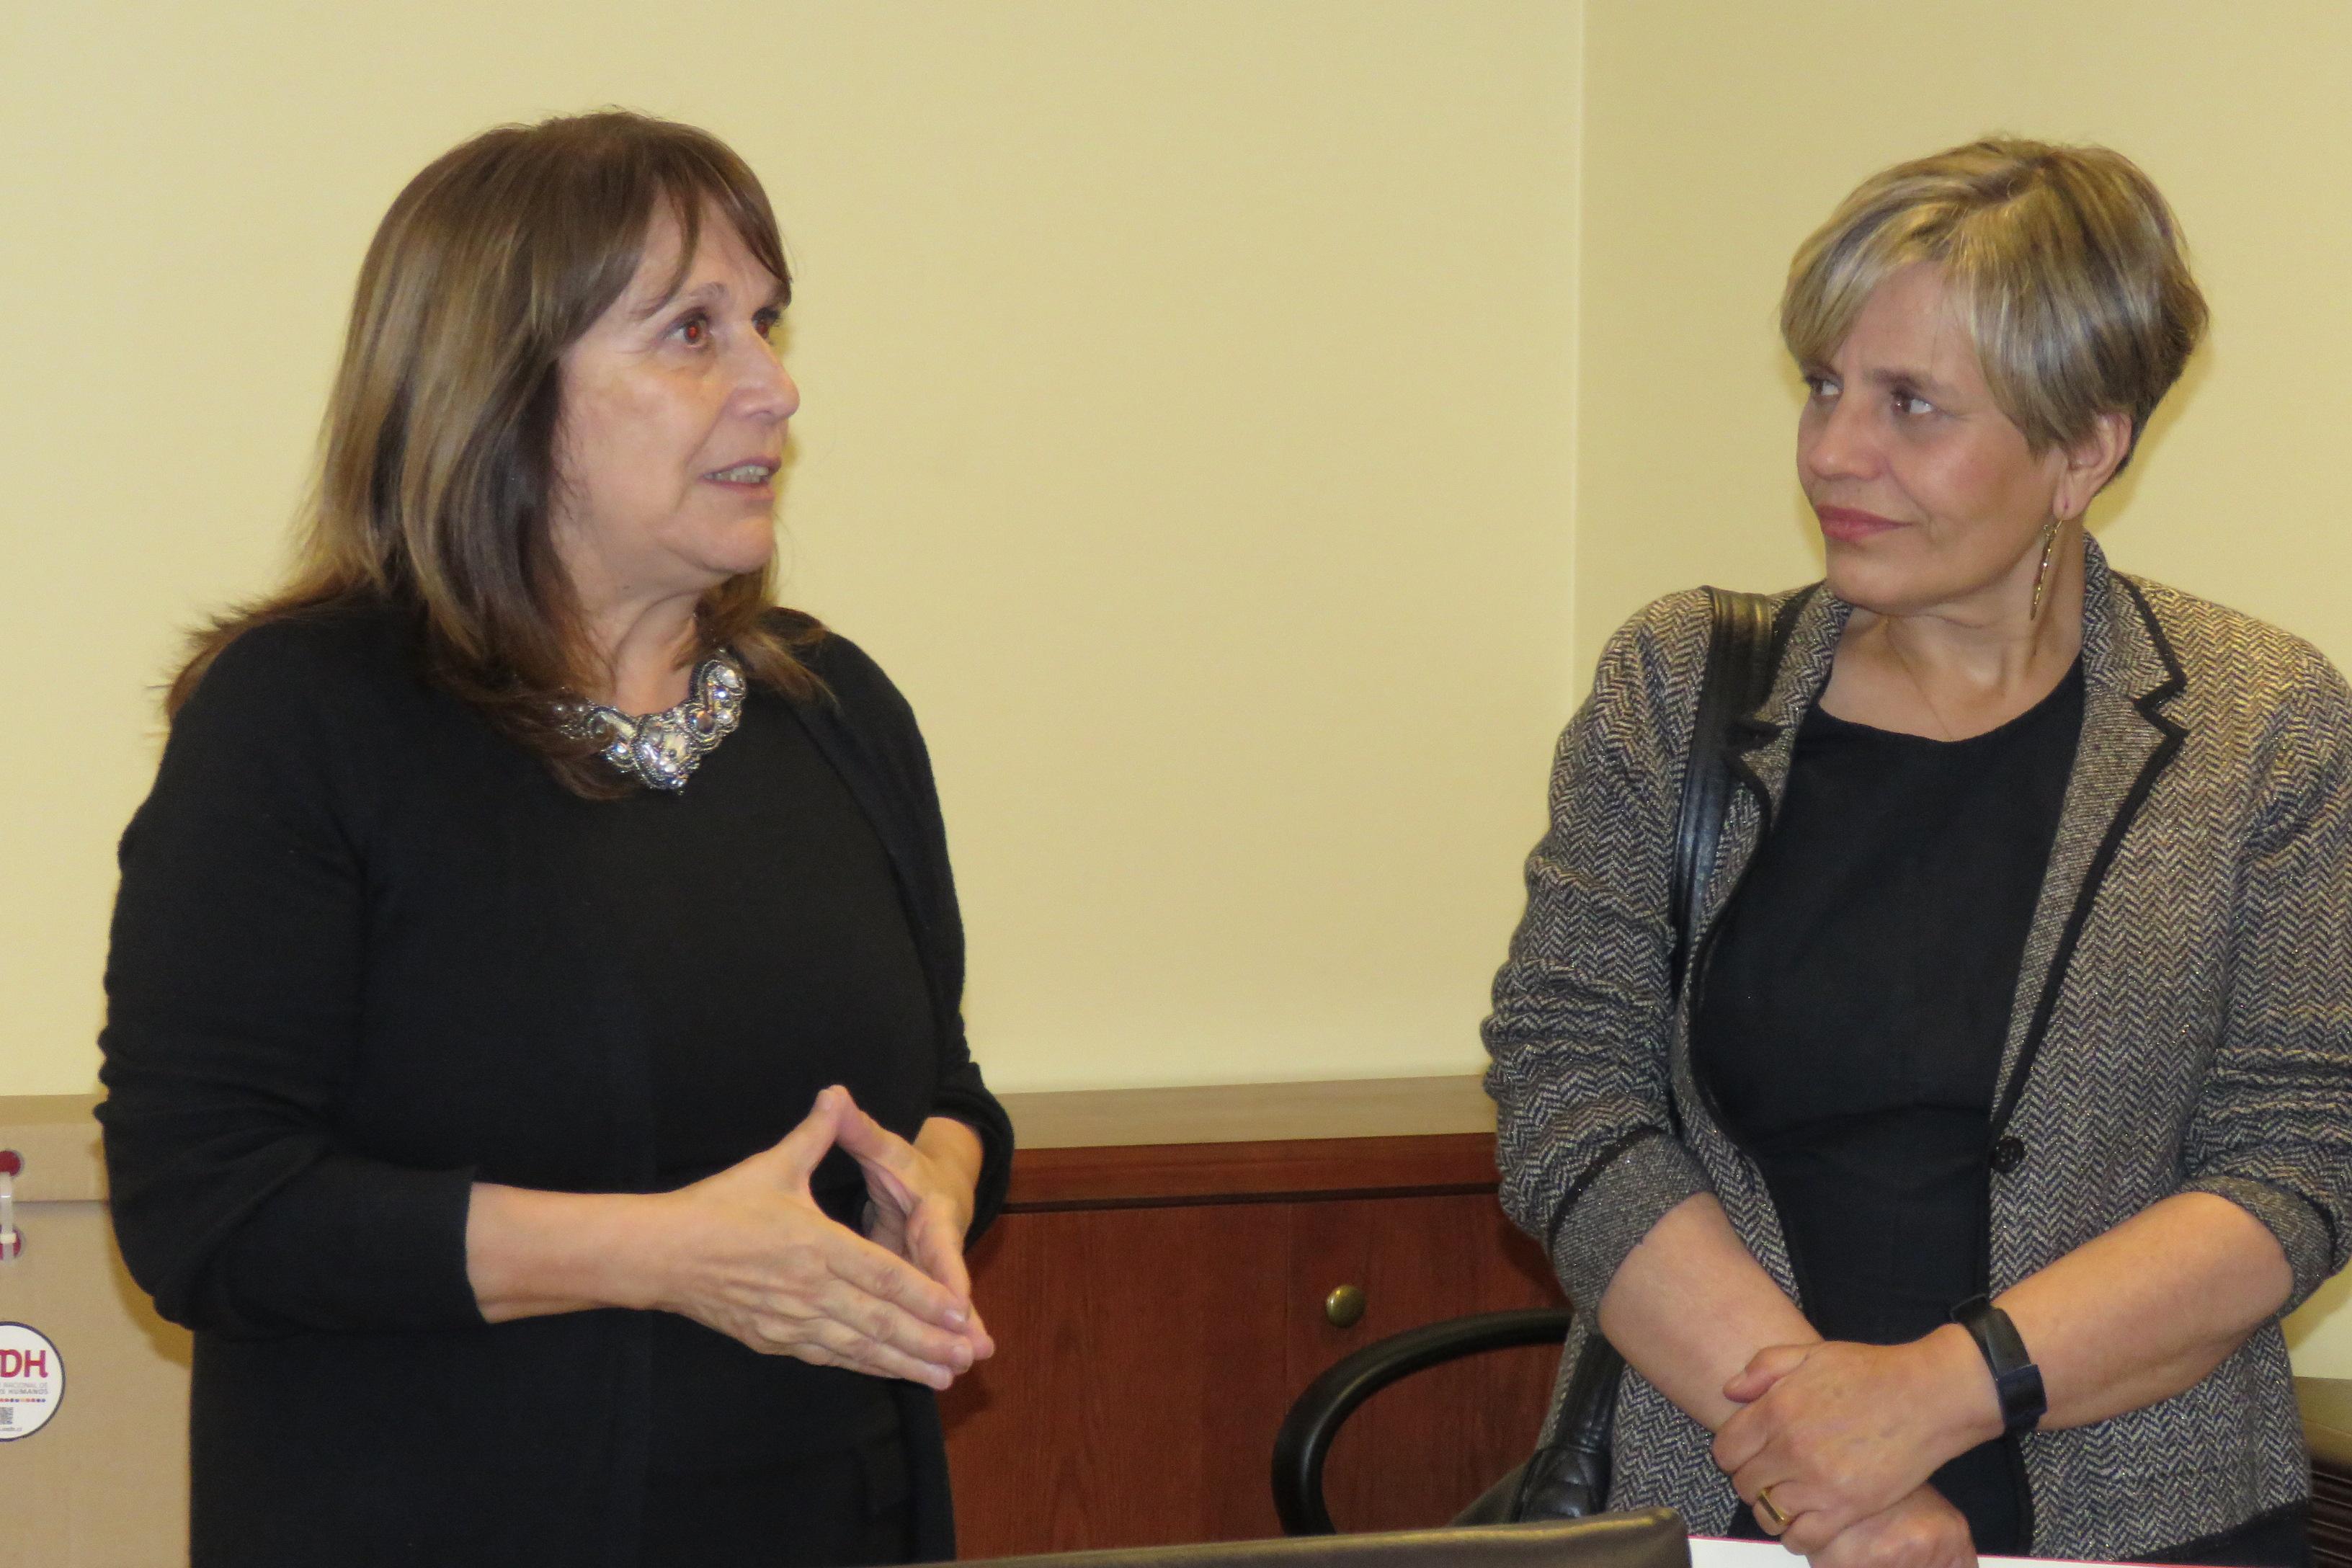 La Presidenta de la Corte de Apelaciones (izquierda) junto a la directora del INHD.